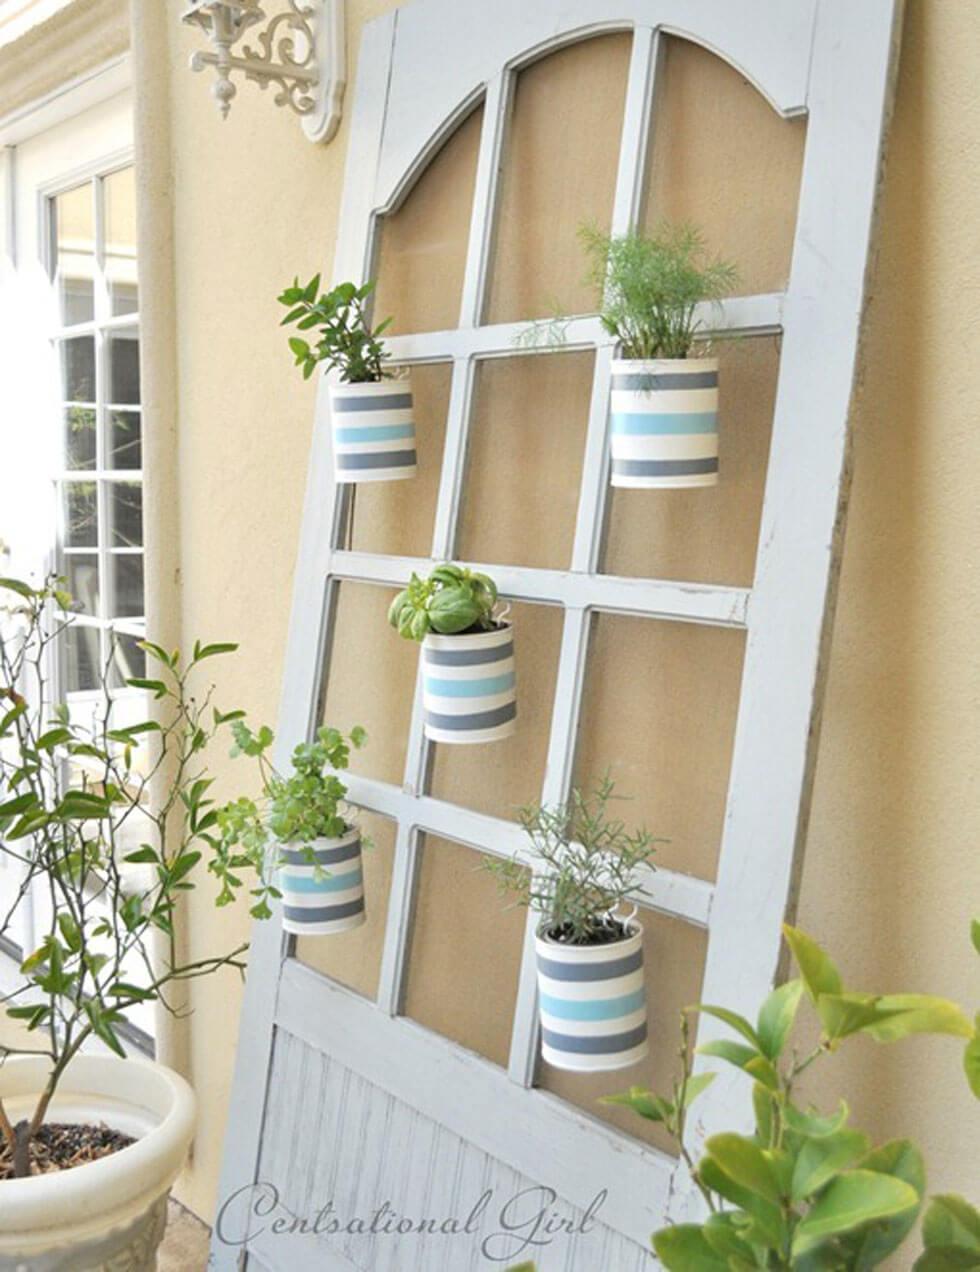 Repurposed Hutch Door Living Wall